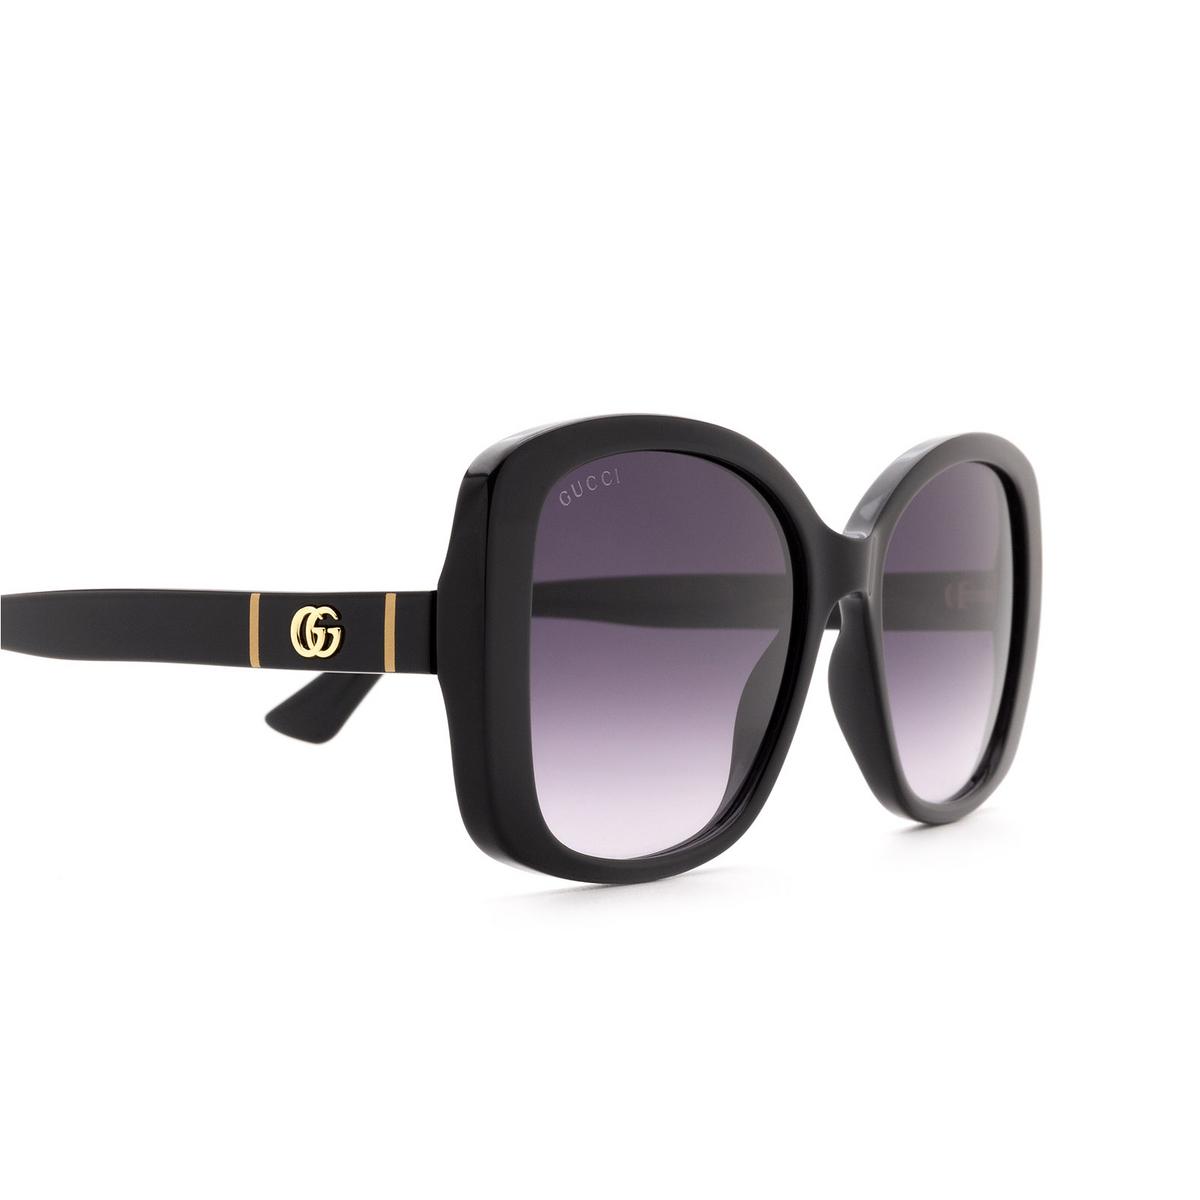 gucci-gg0762s-001 (2)